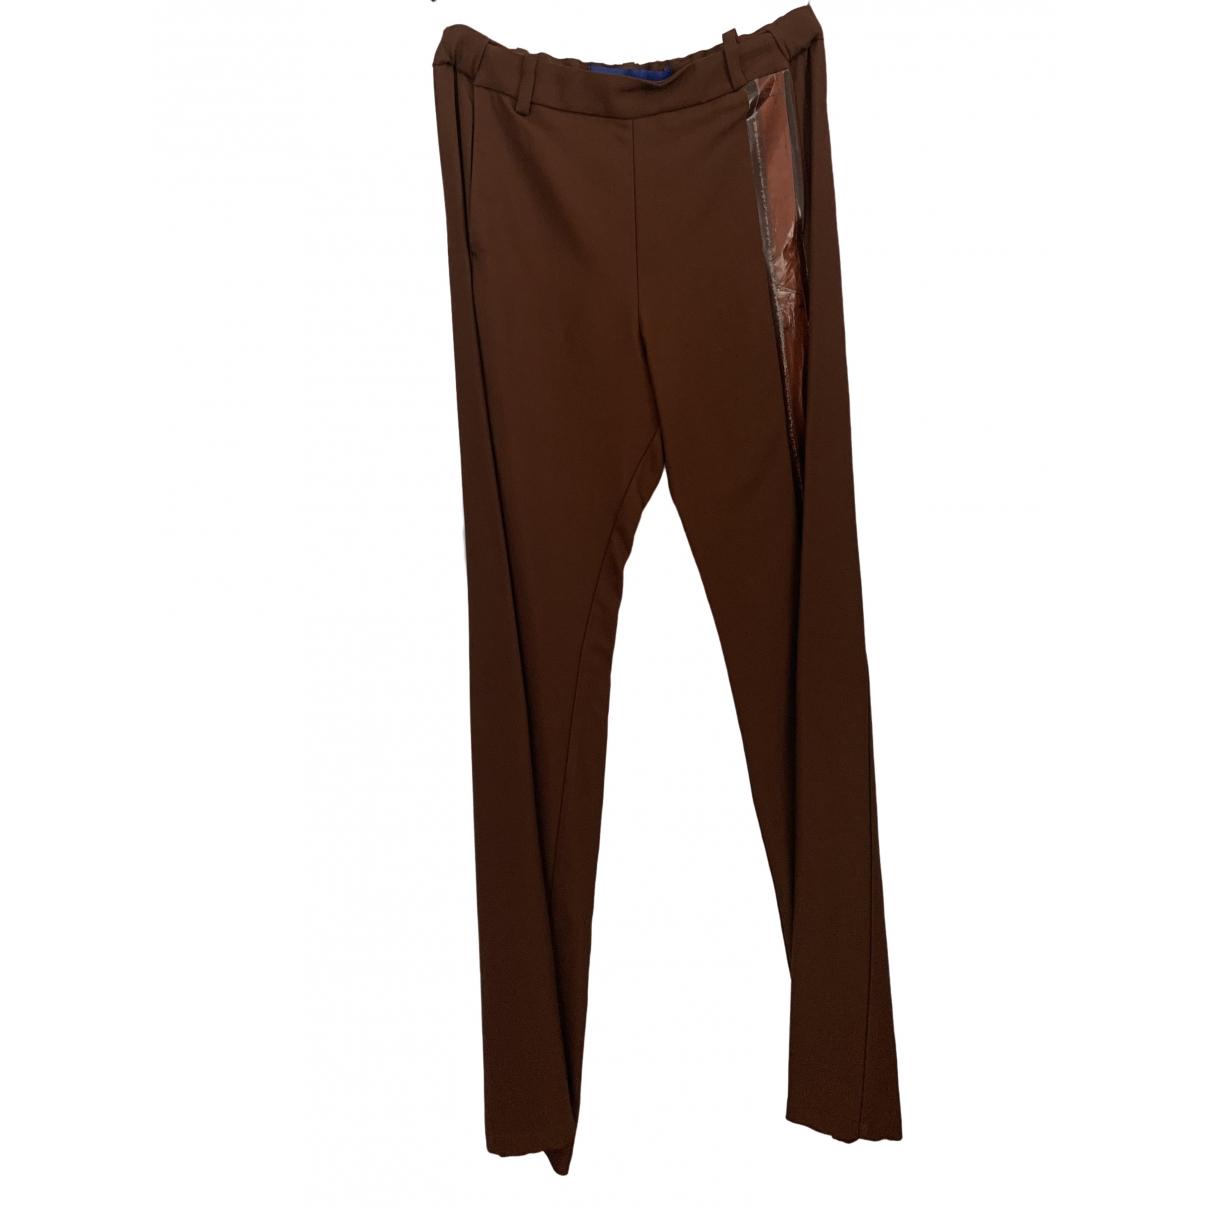 Pantalon recto Roque